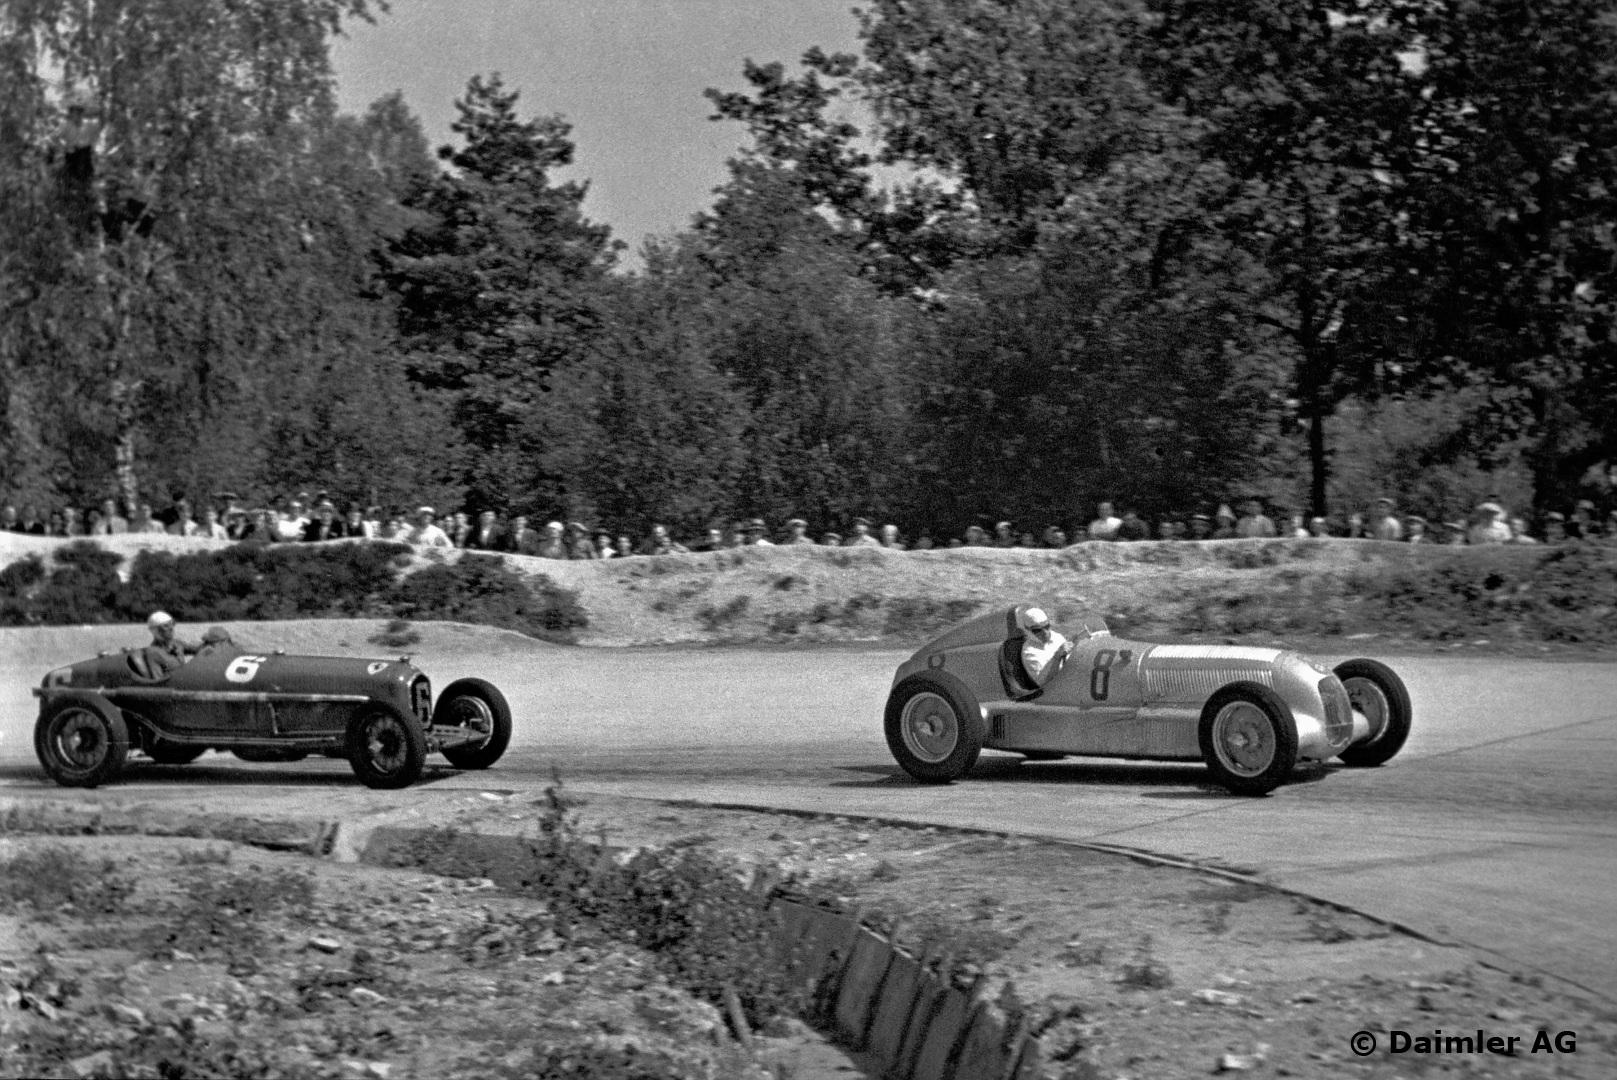 Caracciola bak rattet på sin Mercedes-Benz i tet, i hard kamp mot Achille Varzi i Alfa Romeo i 1934. Foto: Daimler AG